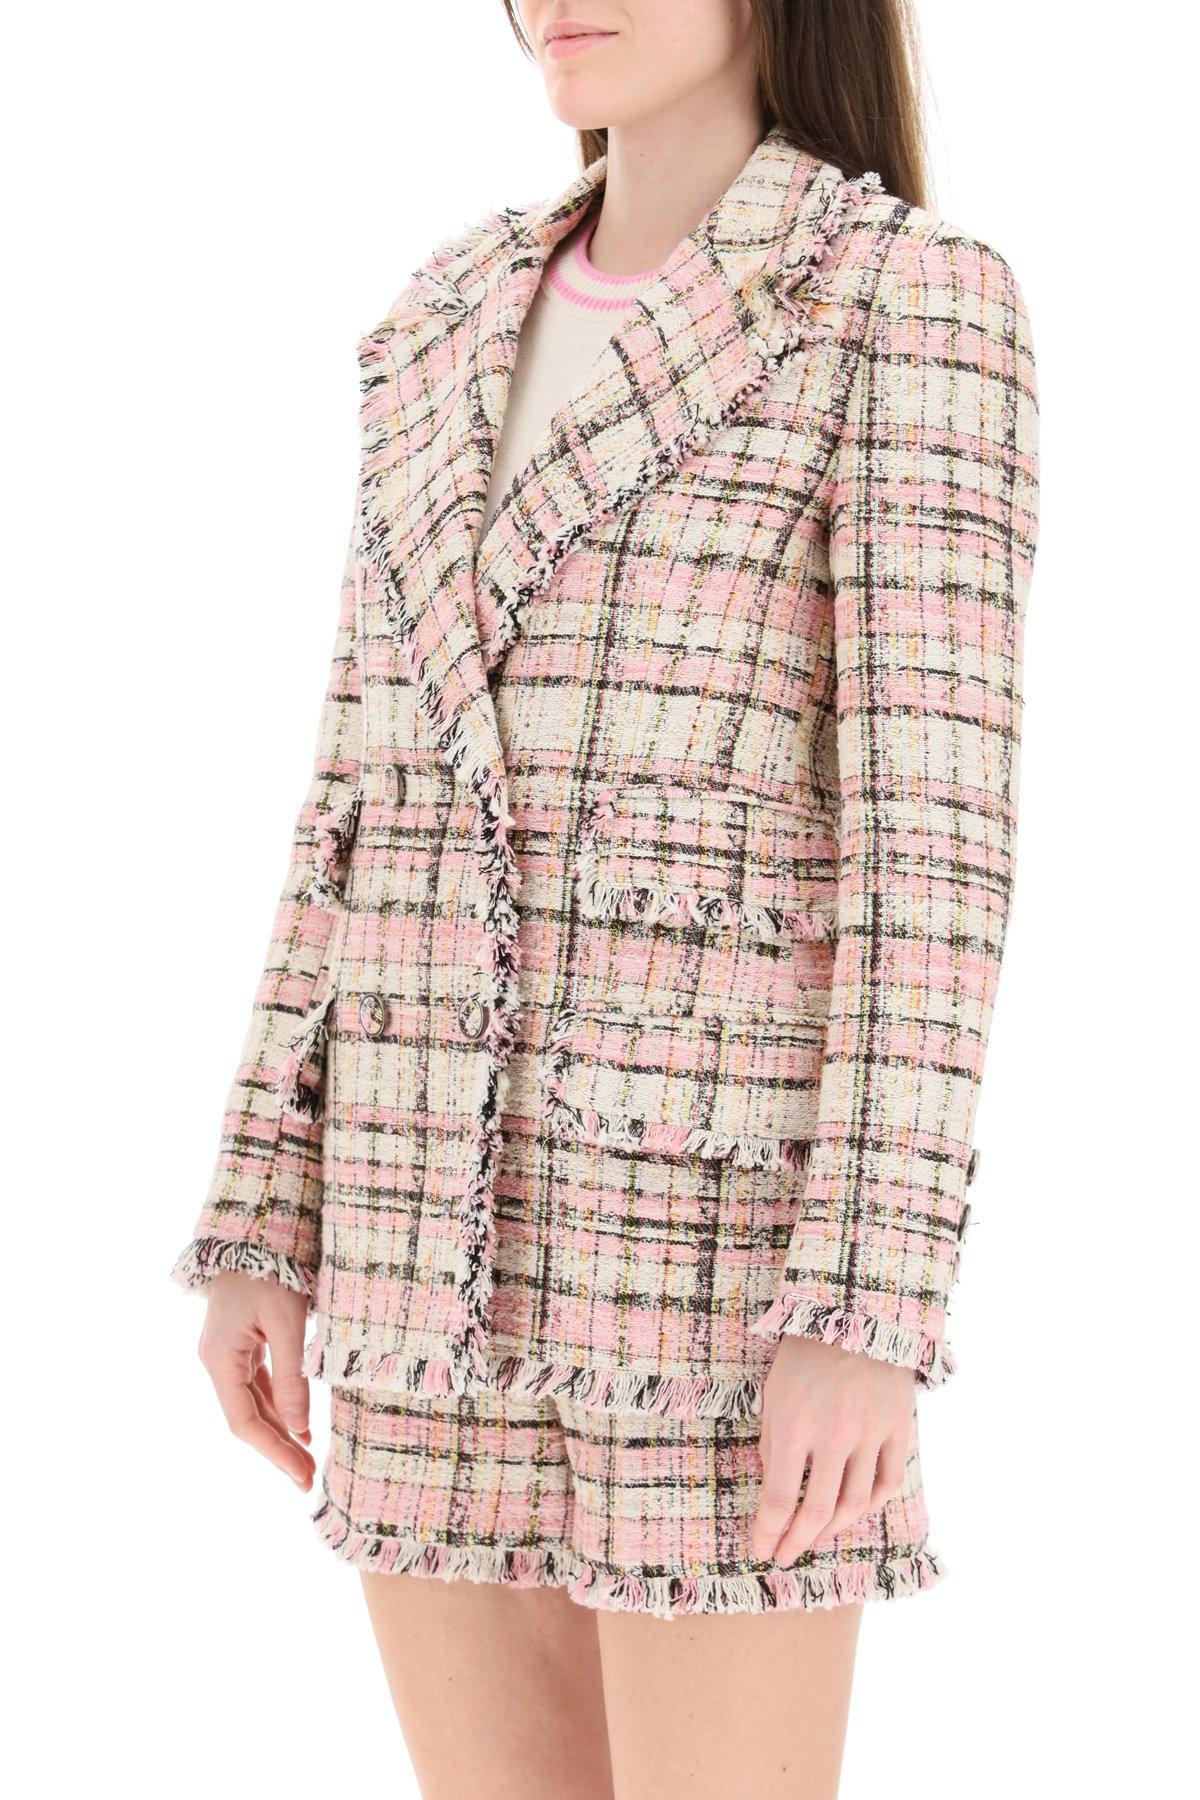 jackets-blazers_msgm_misto_211429dgc000001-12-15_1024x1024@2x